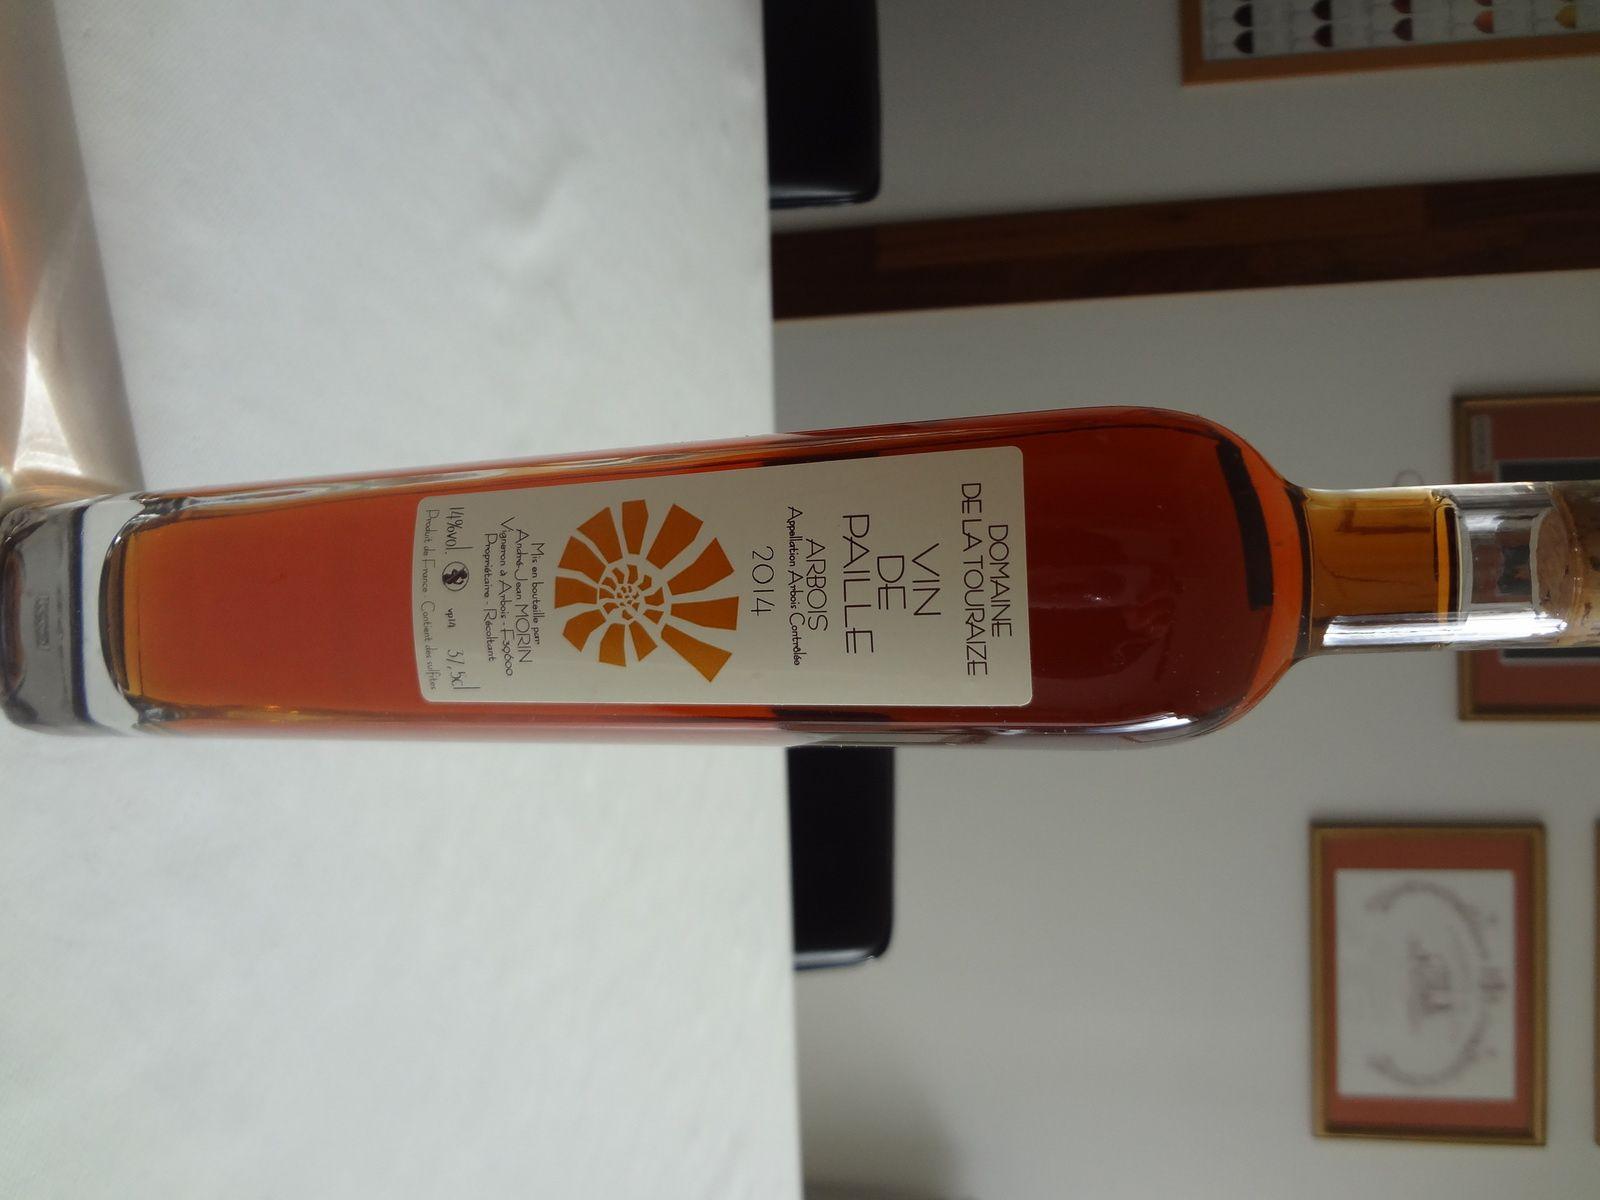 VINO PASSION - Degustation vin de paille du jura.